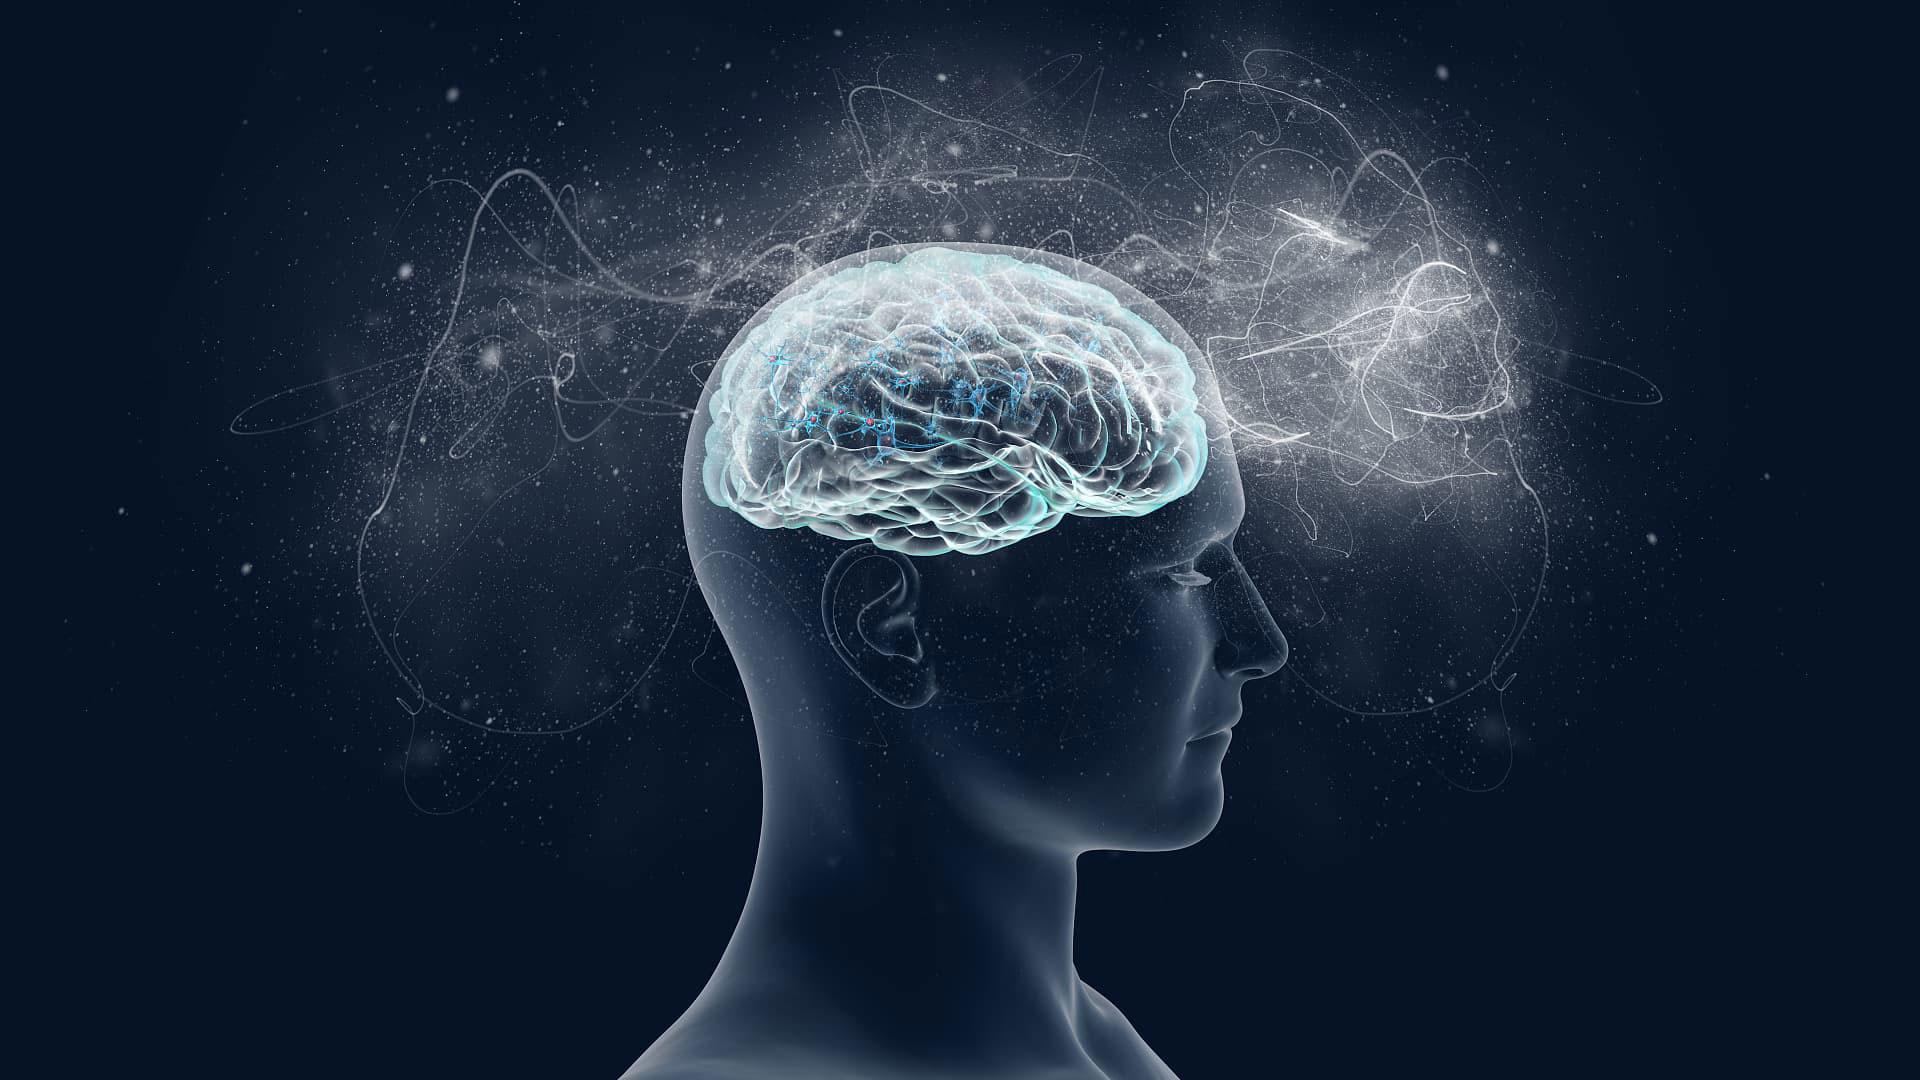 Η επεξεργασία γονιδίων ικανή να αποτρέψει διαταραχές του εγκεφάλου